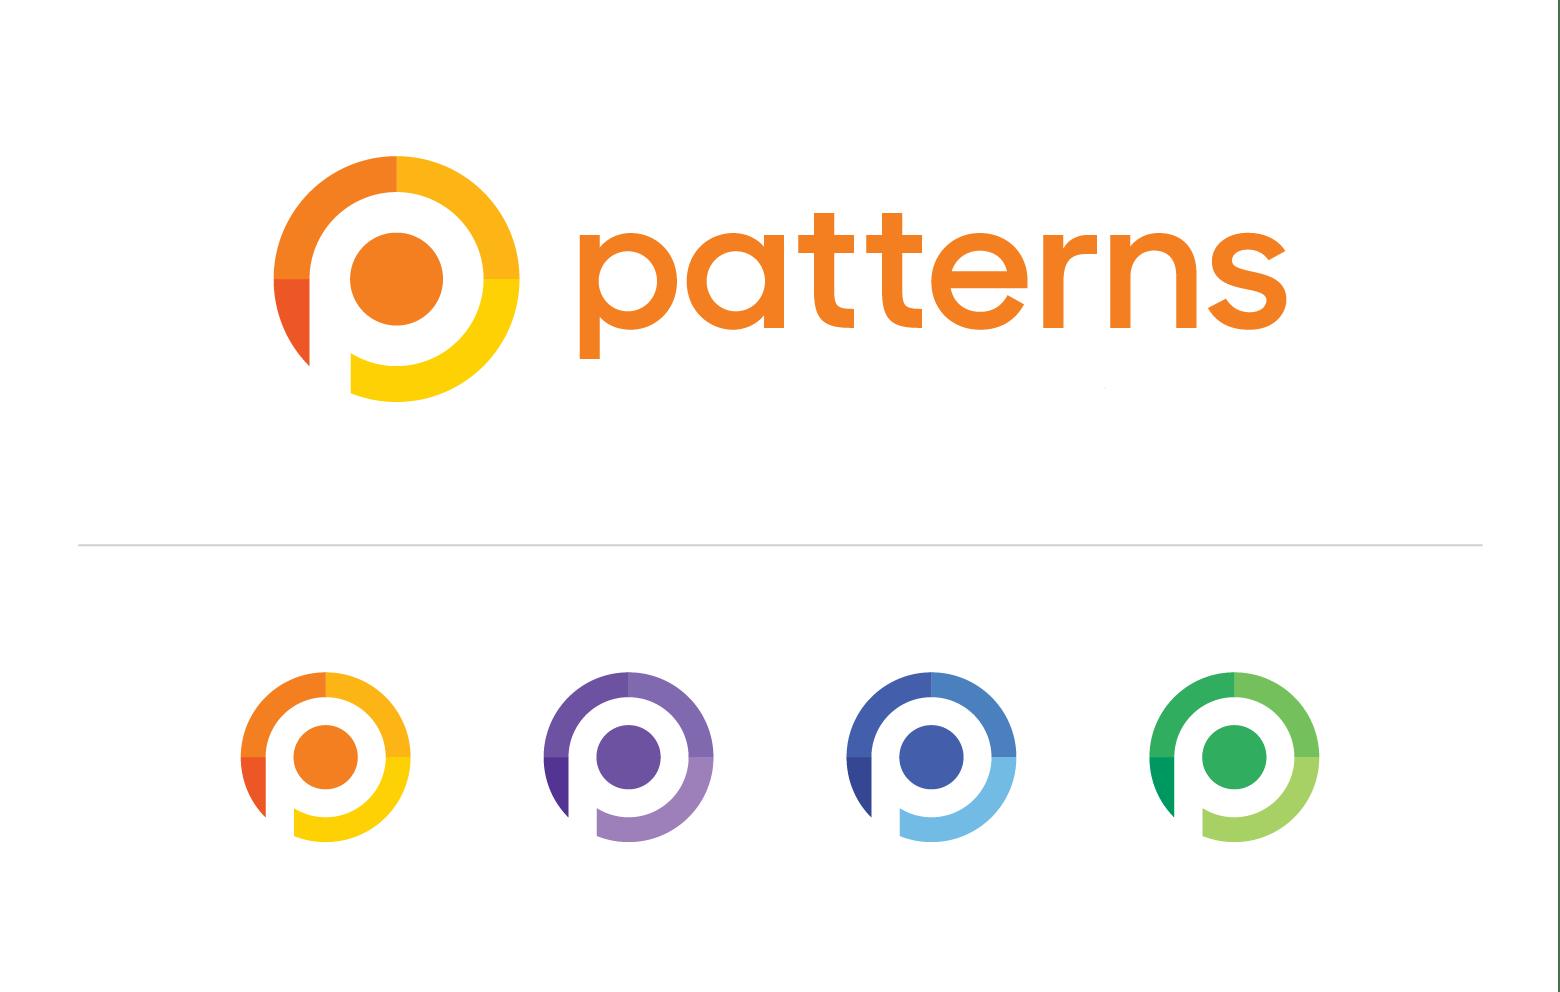 KarenMessing-Patterns-1